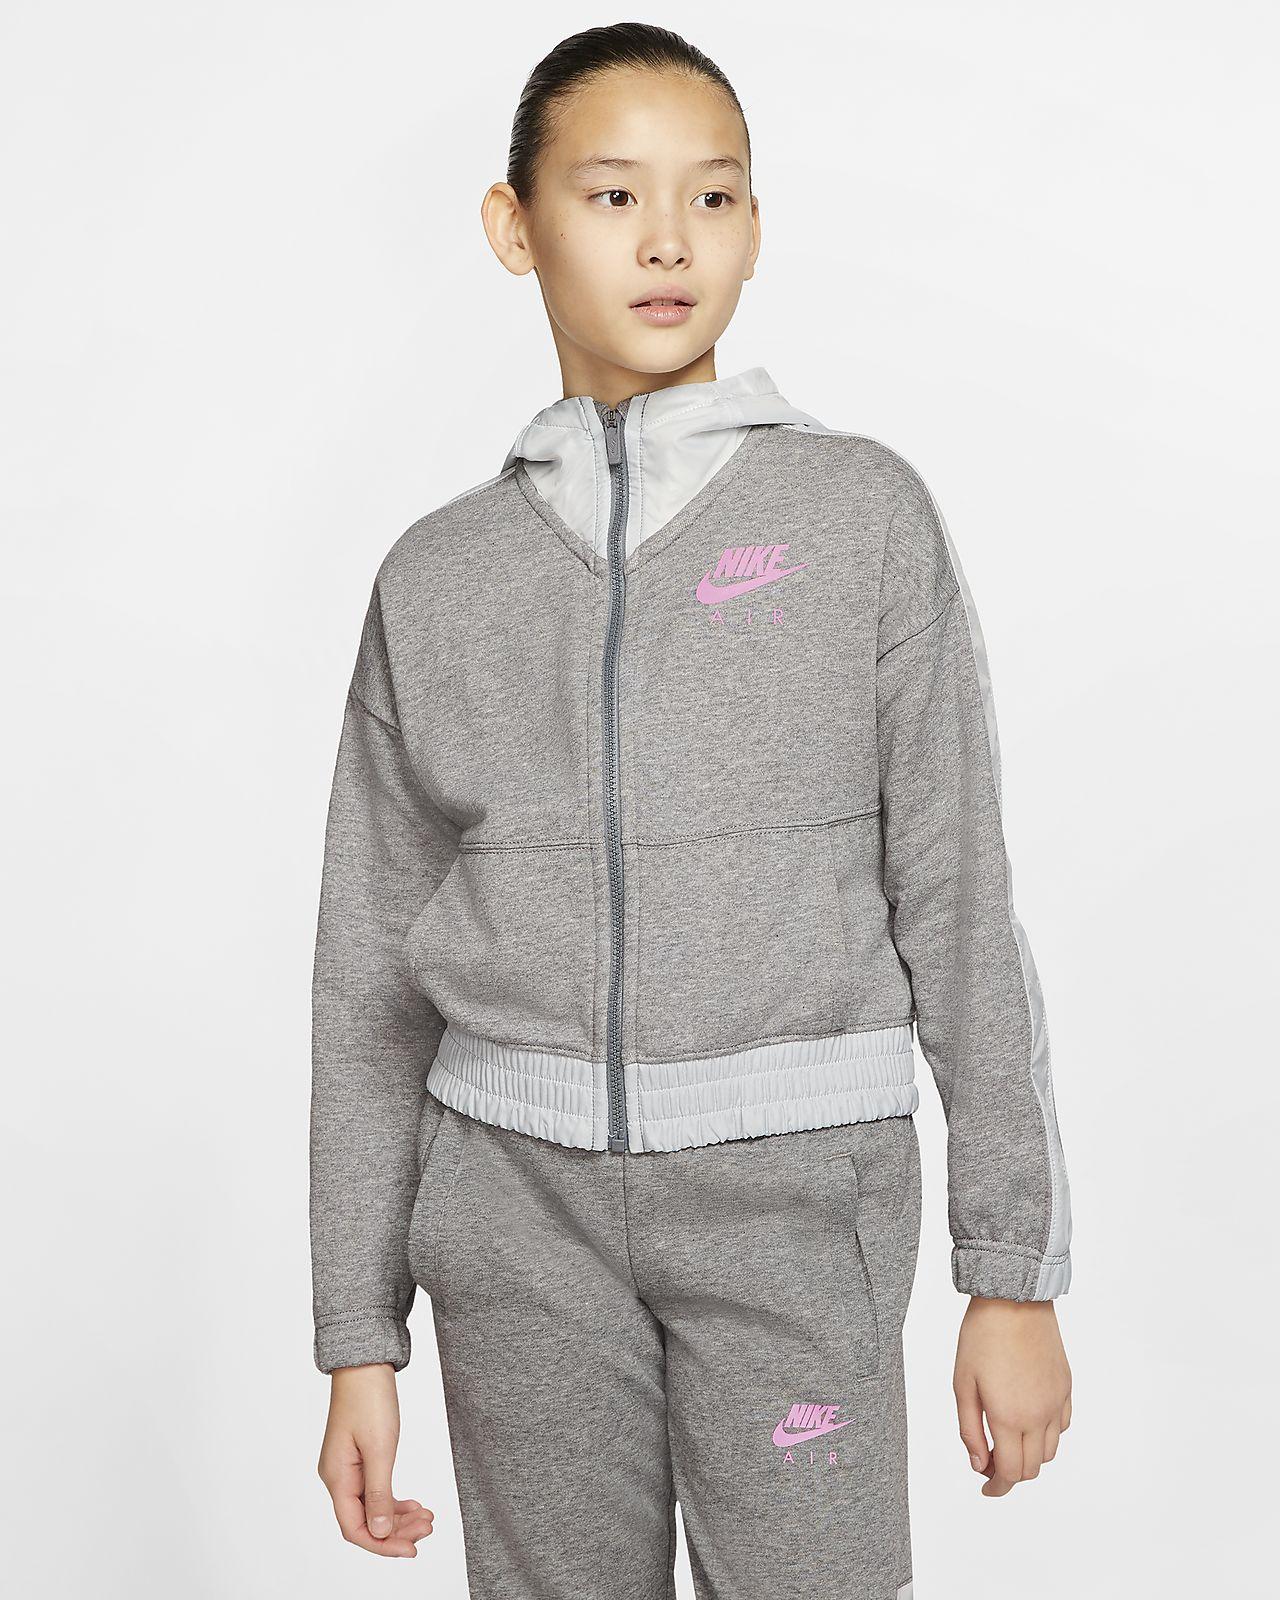 Nike Air hettejakke med hel glidelås til store barn (jente)